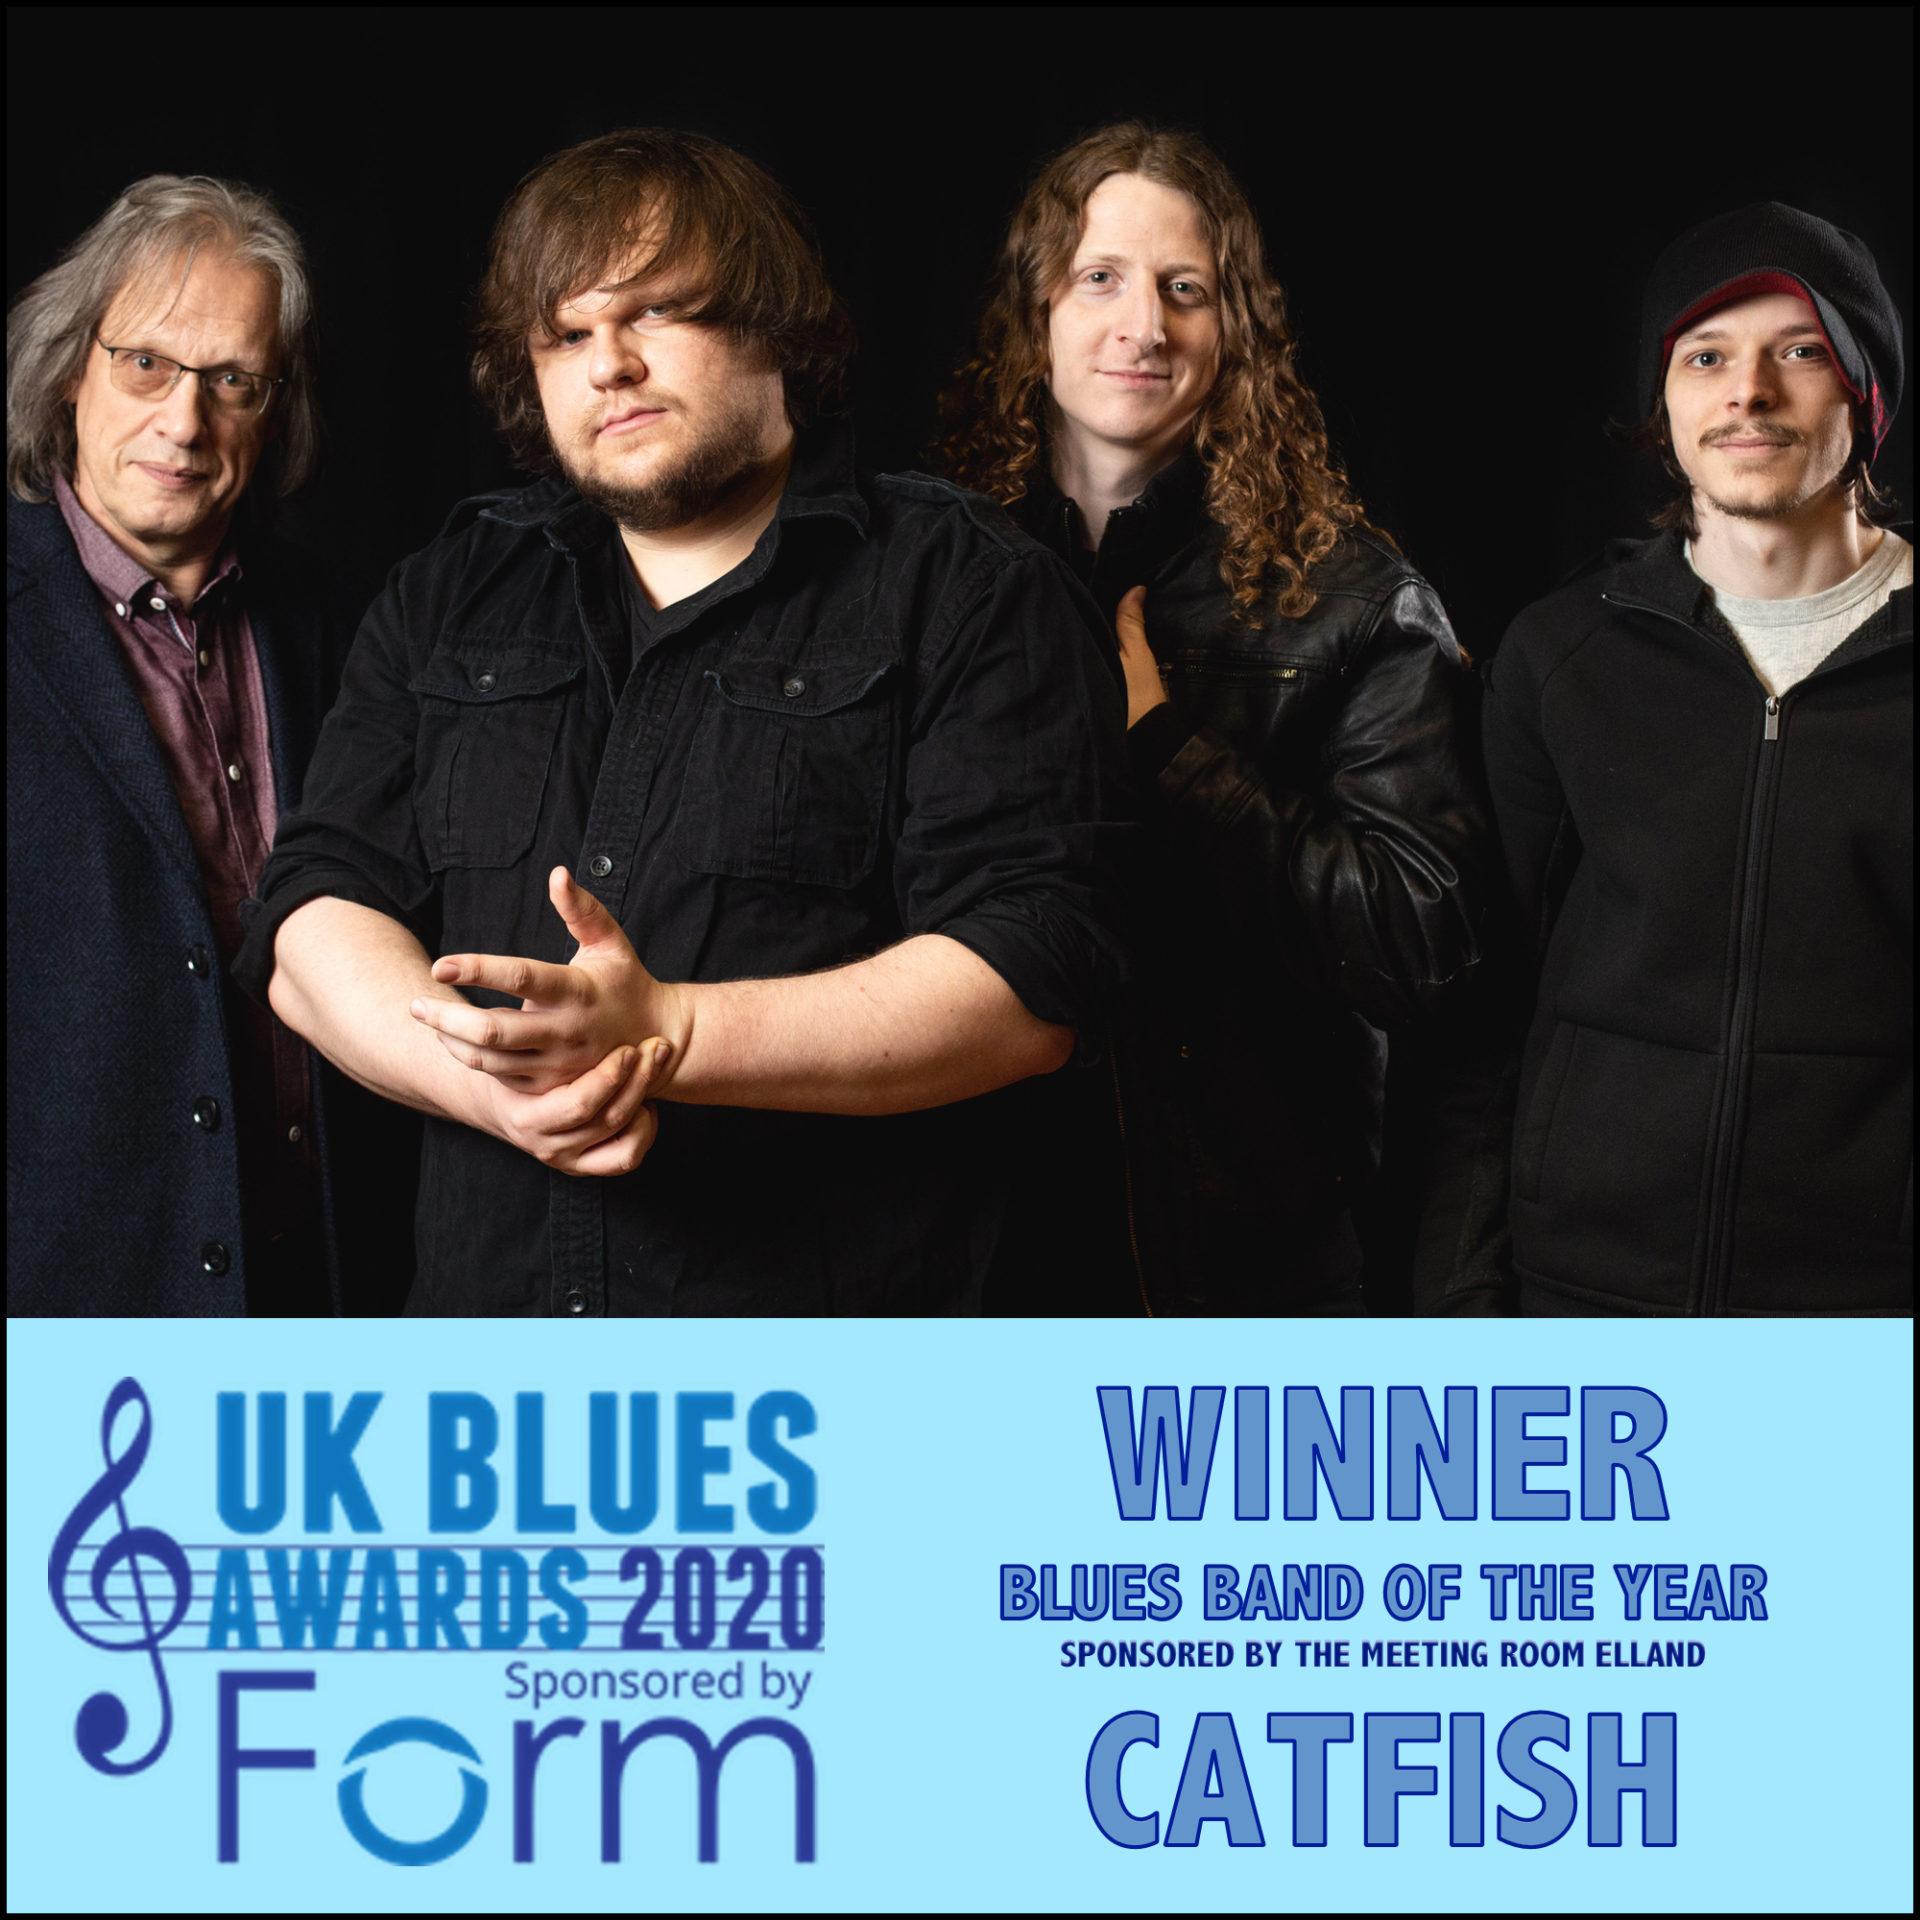 image of 2020 ukblues awards winner catfish